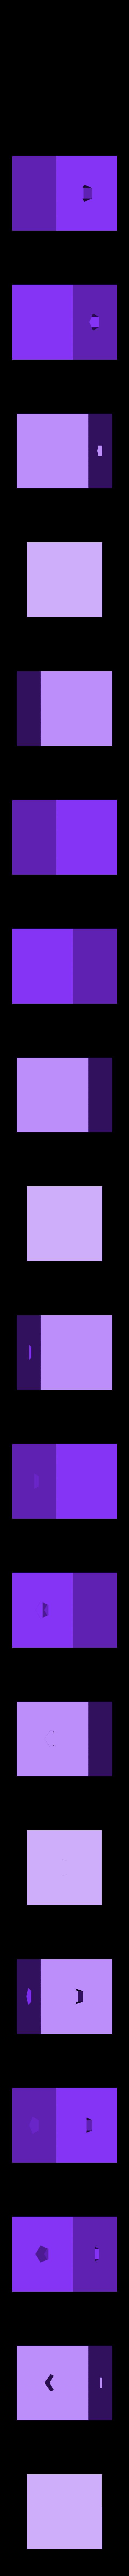 Lcube.stl Télécharger fichier STL gratuit Cube de serpent (paramétrique) • Modèle pour imprimante 3D, gabutoillegna56